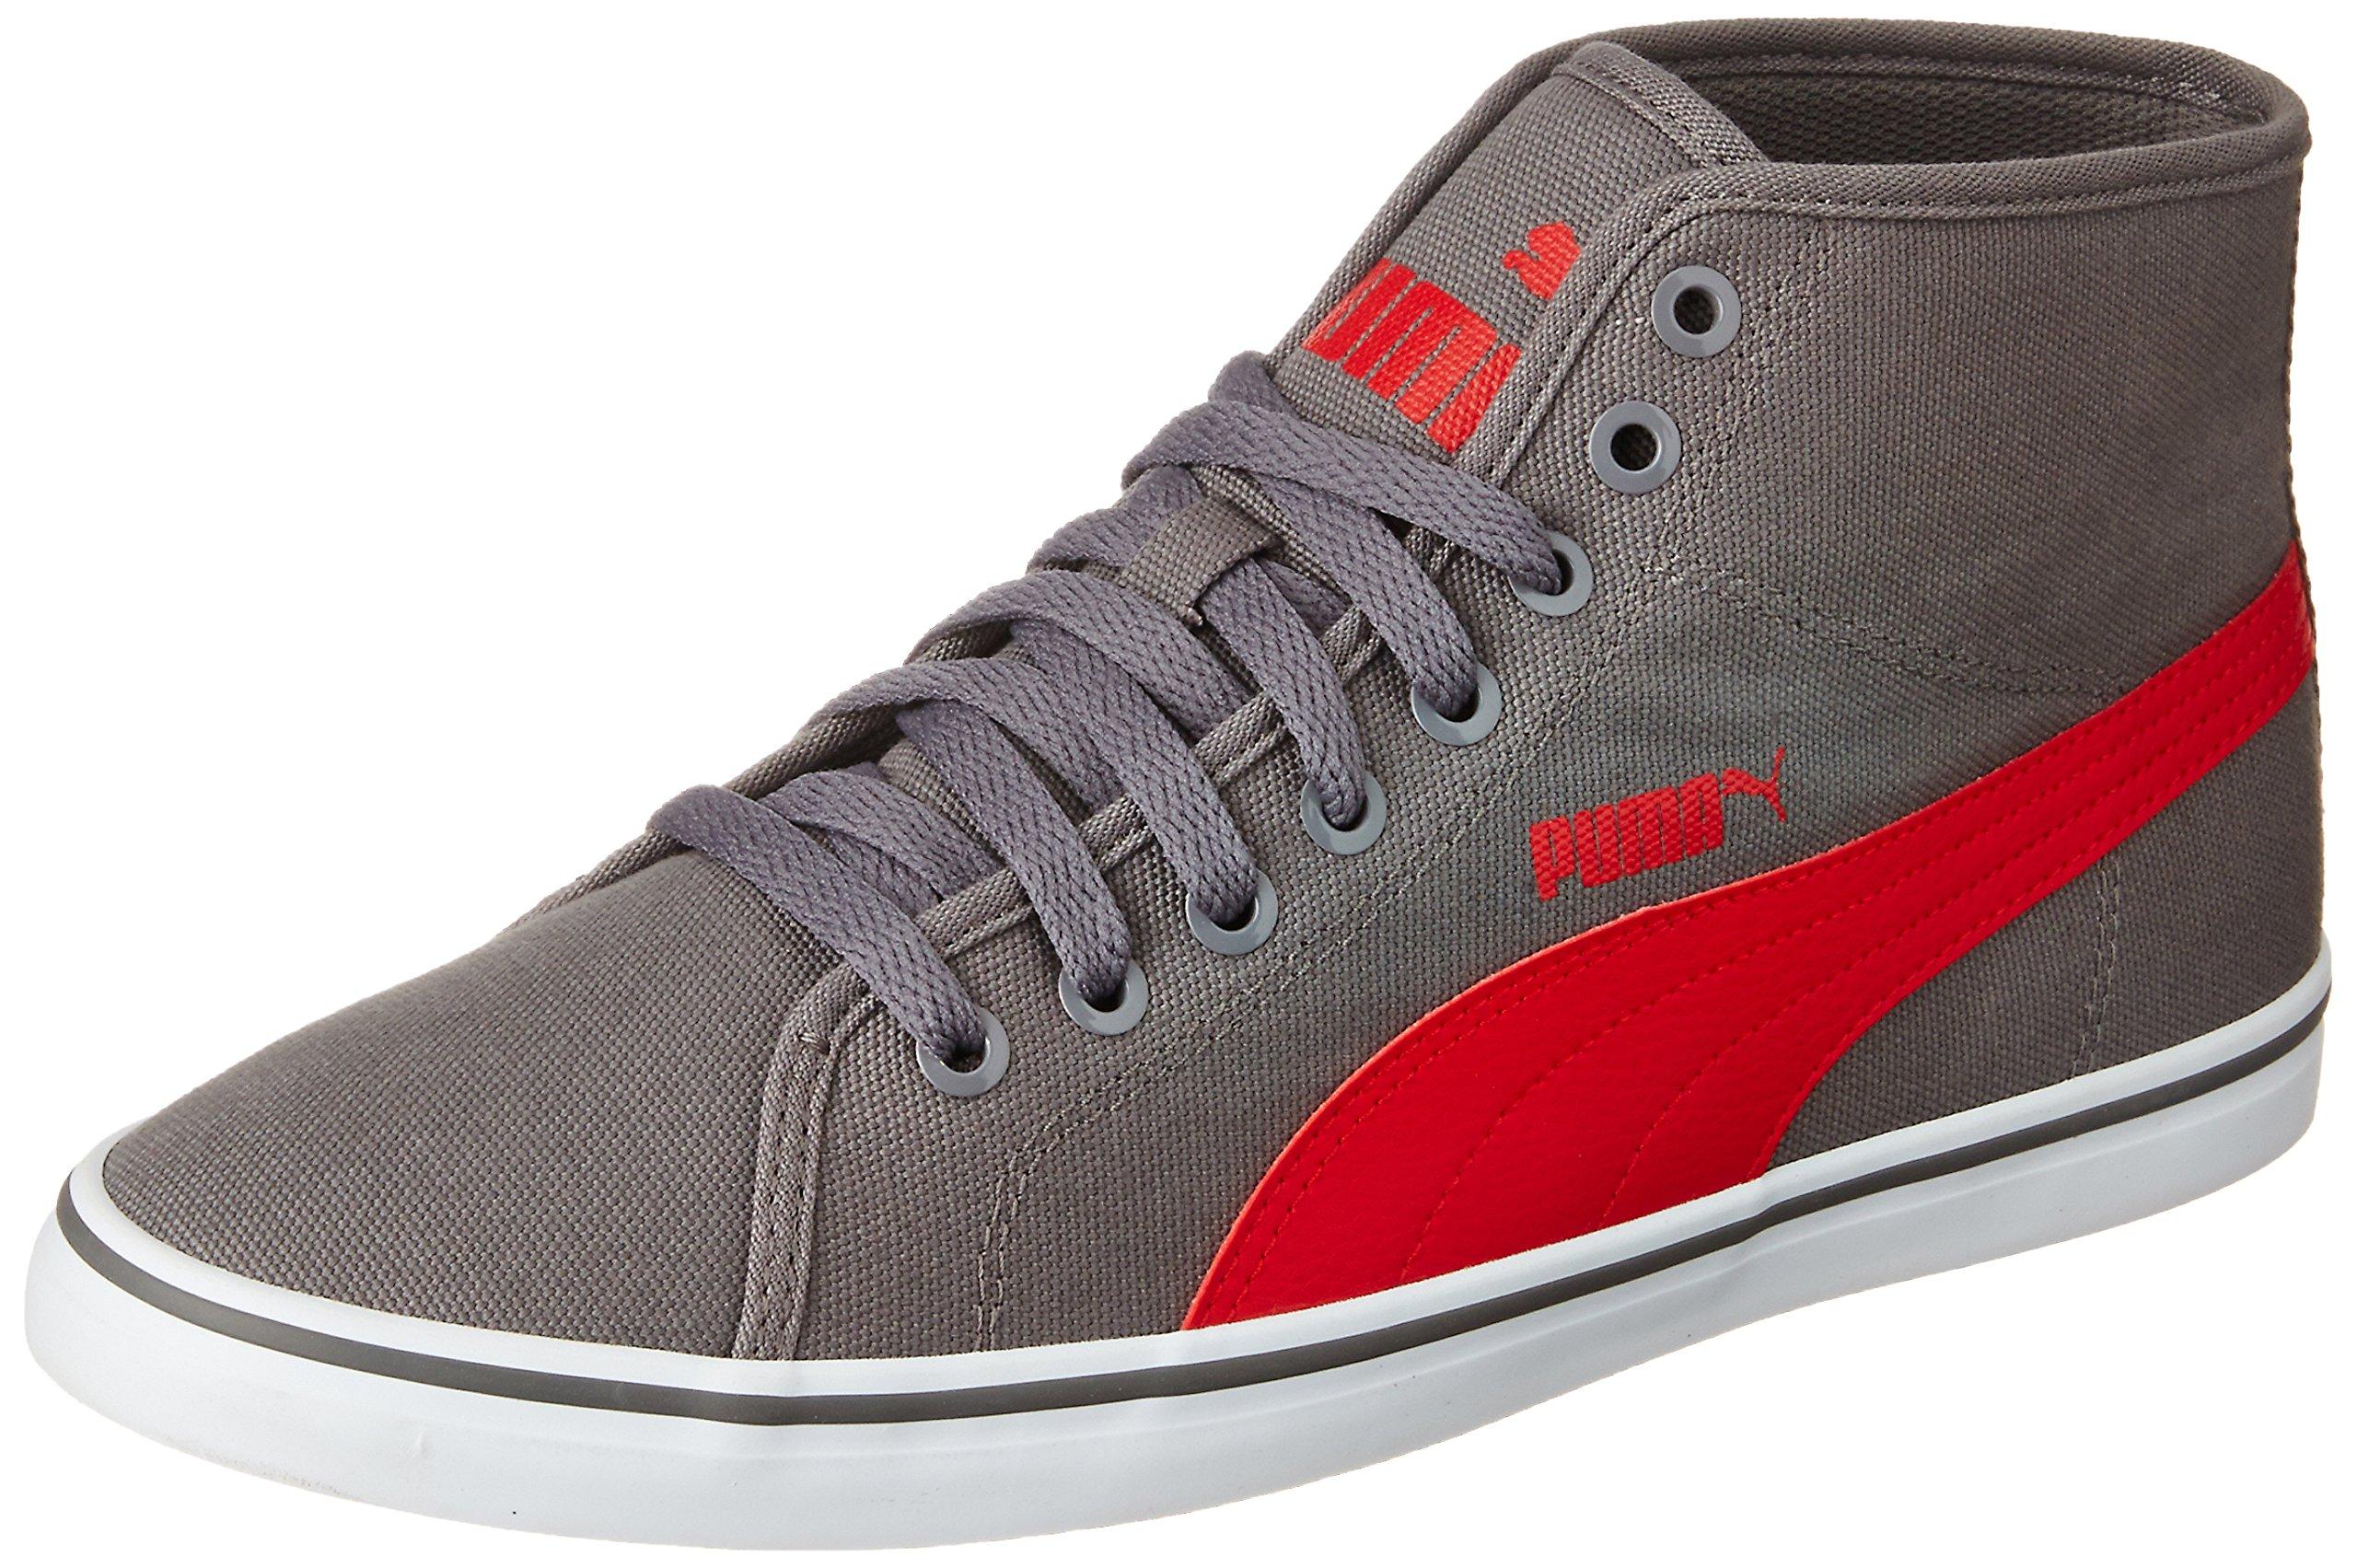 Sneakers Puma men's elsu v2 midcv grey and red sneakers